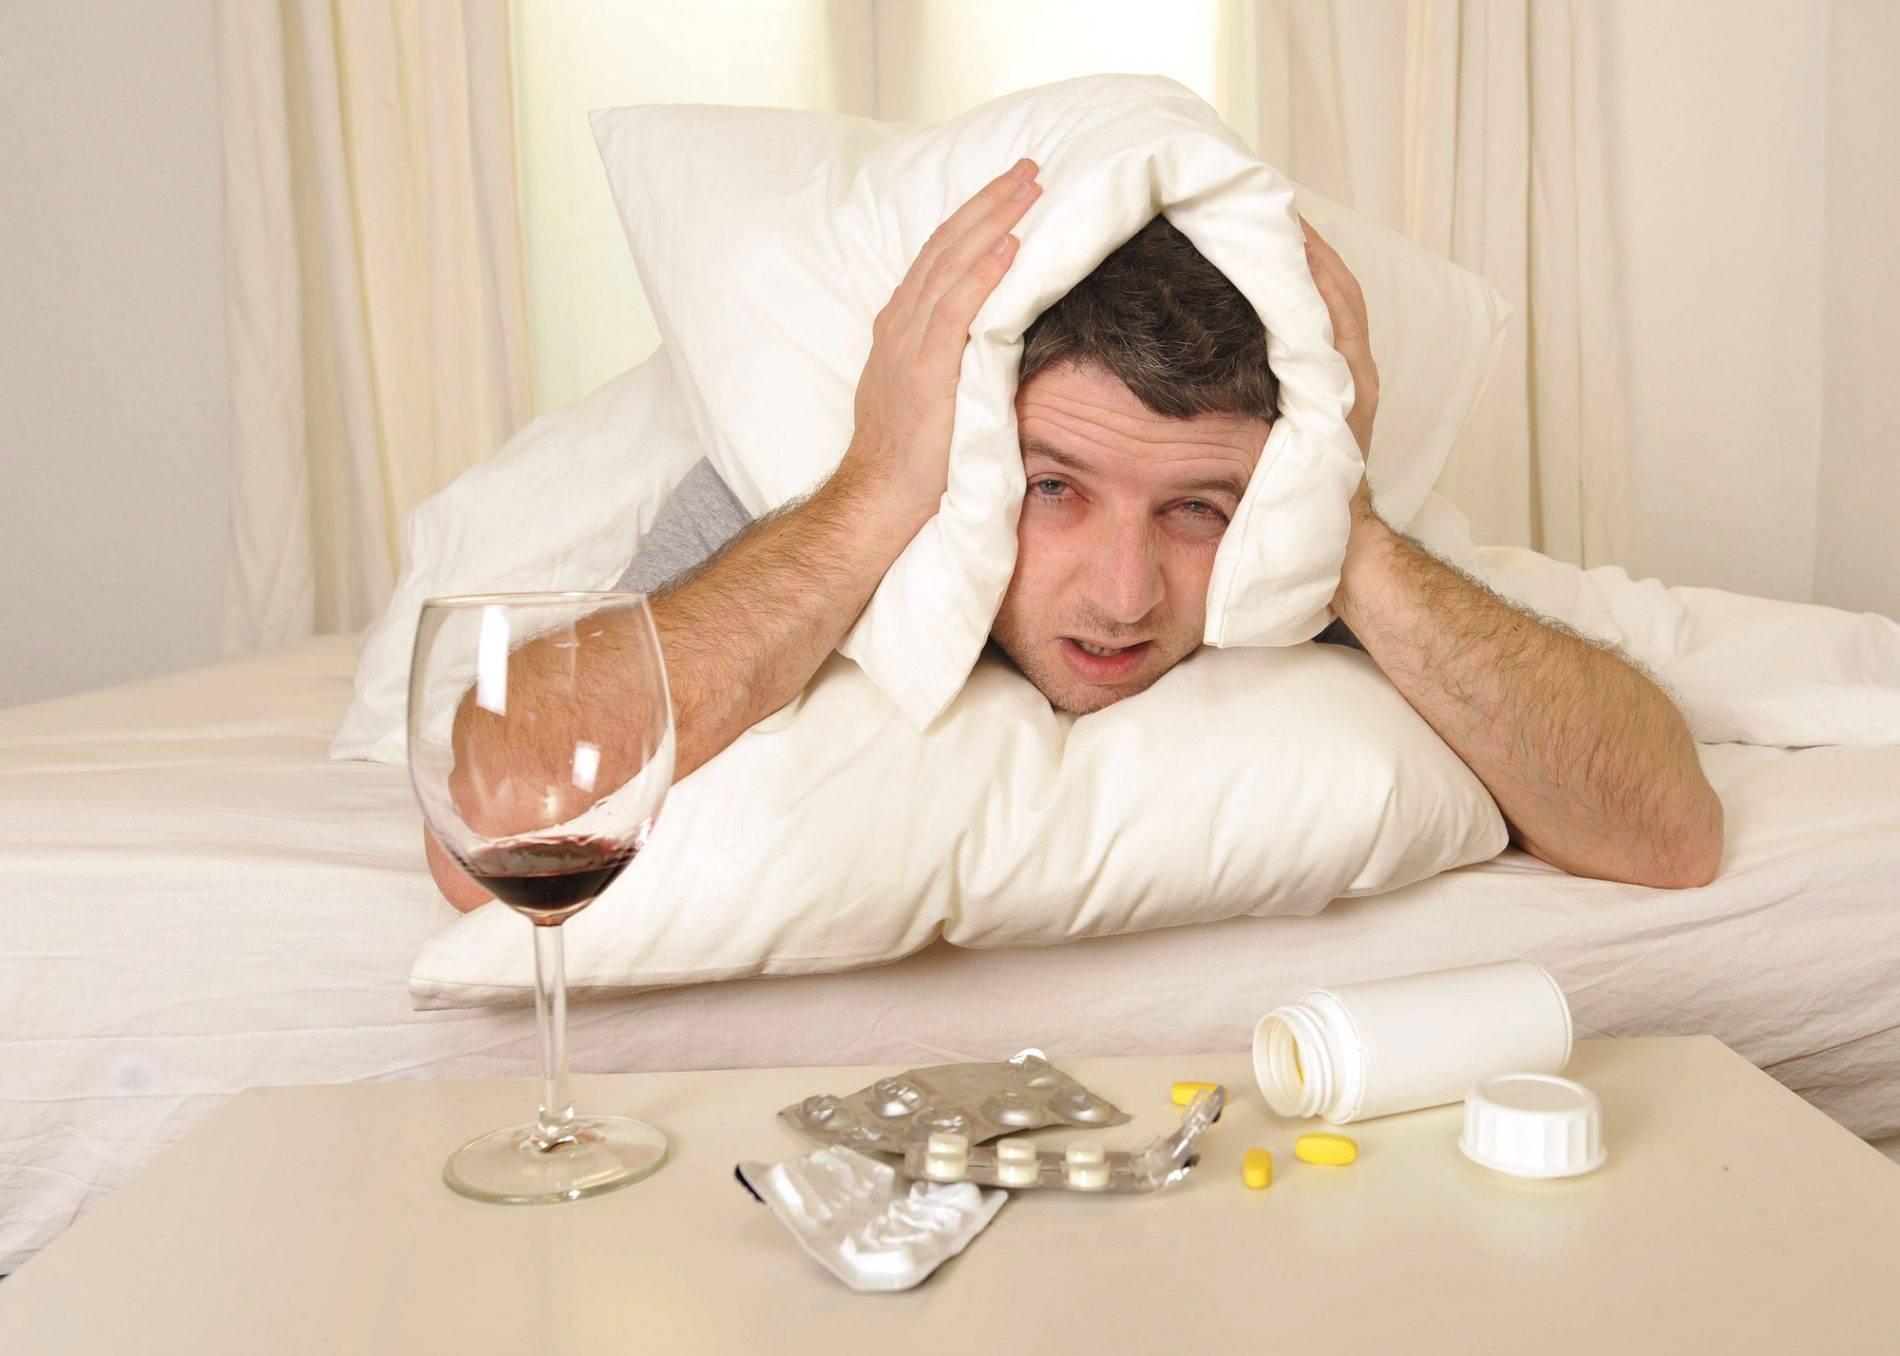 Бессонница после запоя - как уснуть и наладить сон